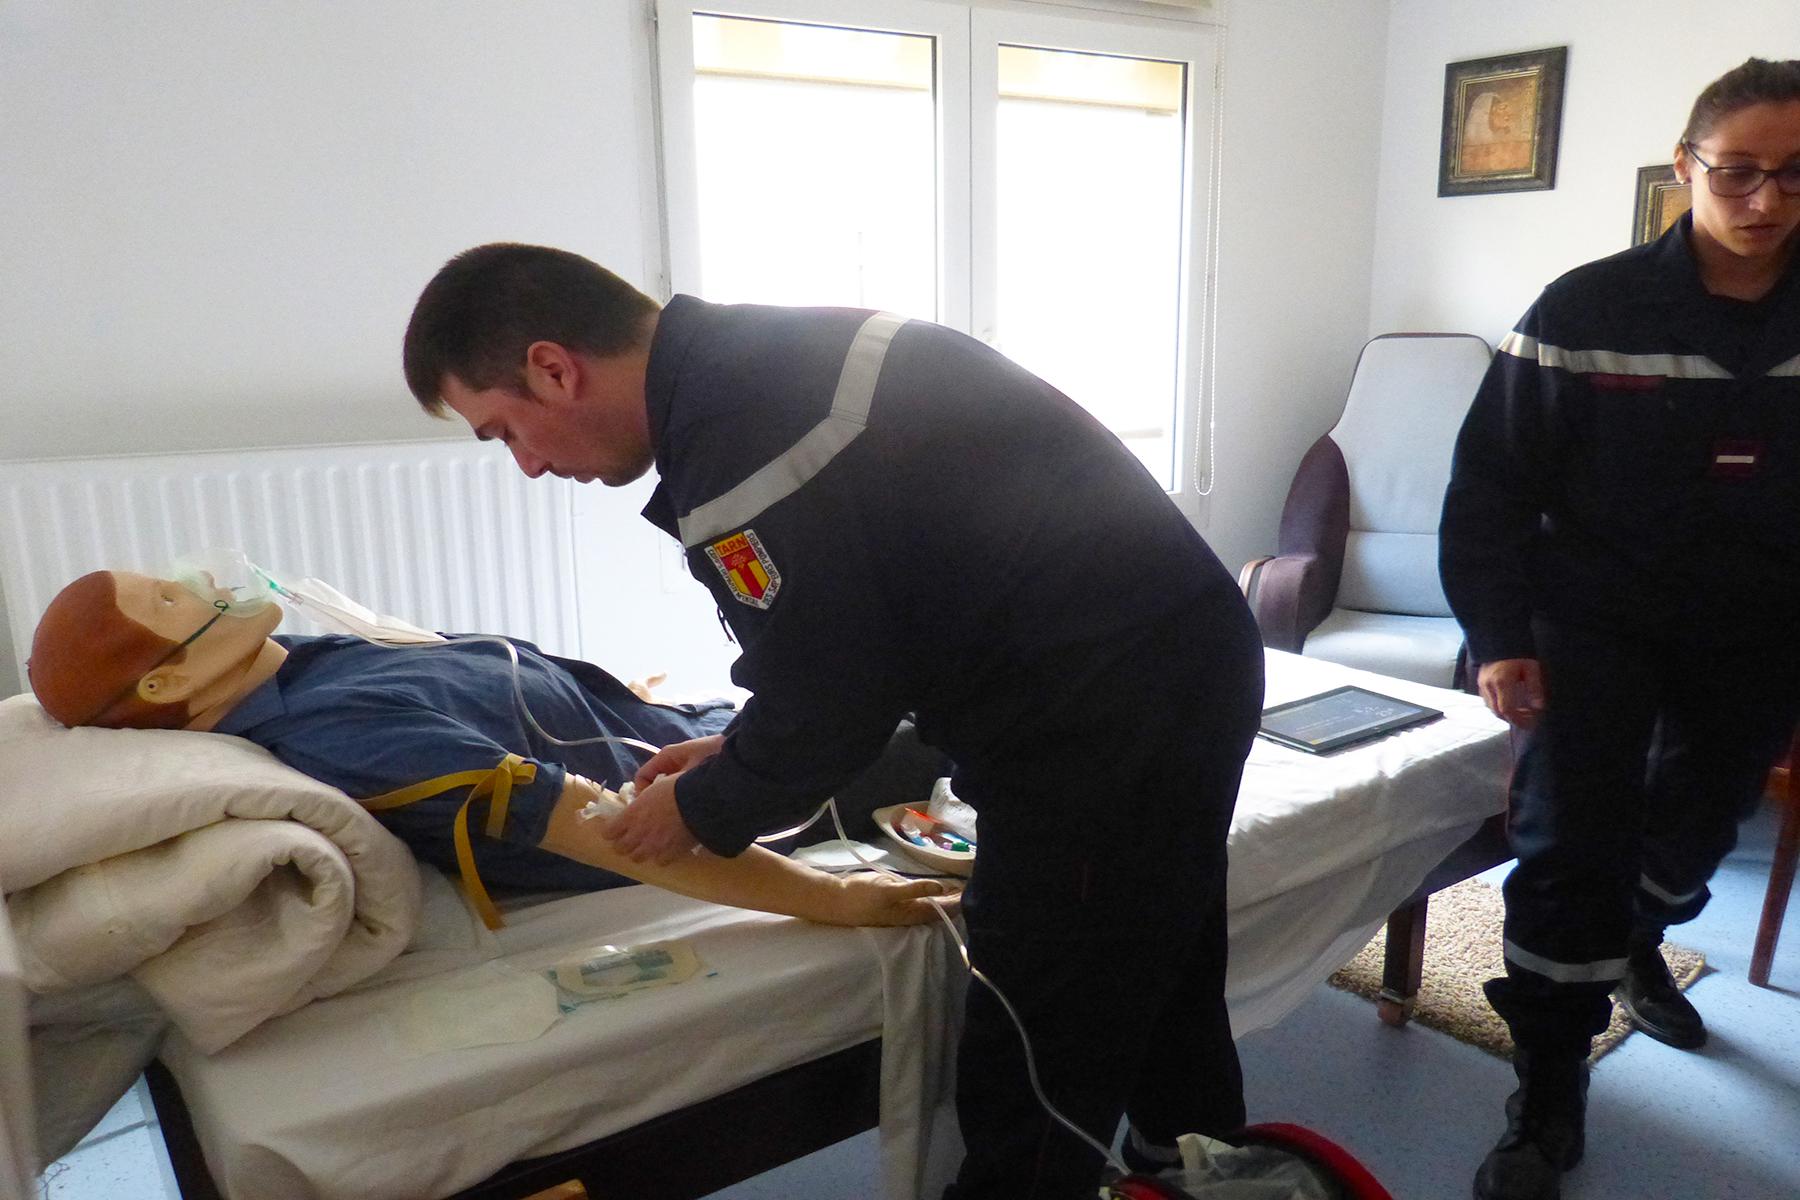 Des infirmiers de sapeur-pompier s'exercent sur un mannequin intelligent